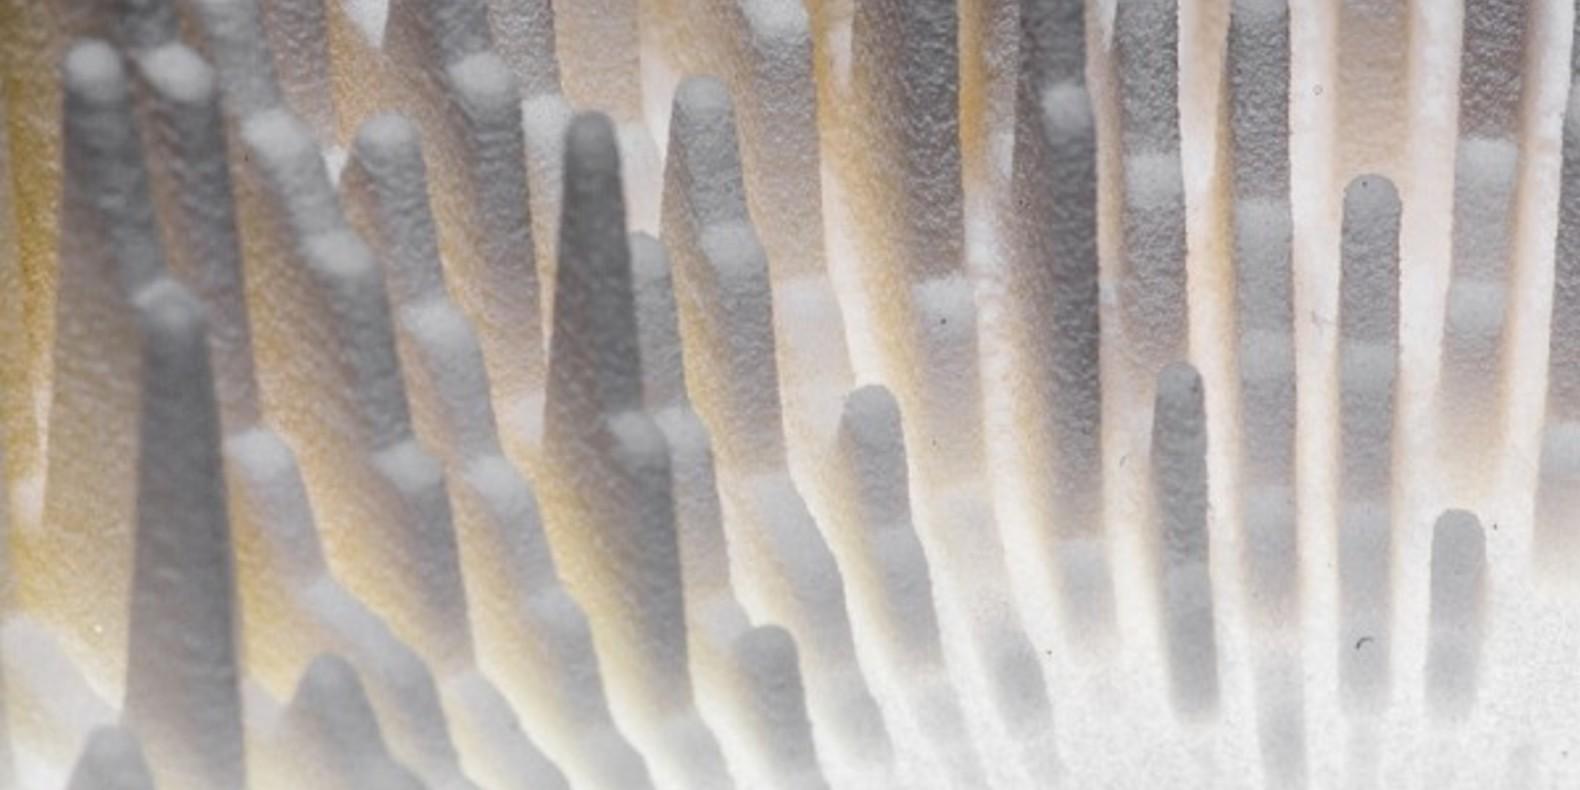 Lukasz Karluk holodecks 3D printing sound music sculpture design cults cults3D fichier 3D Zebra 5